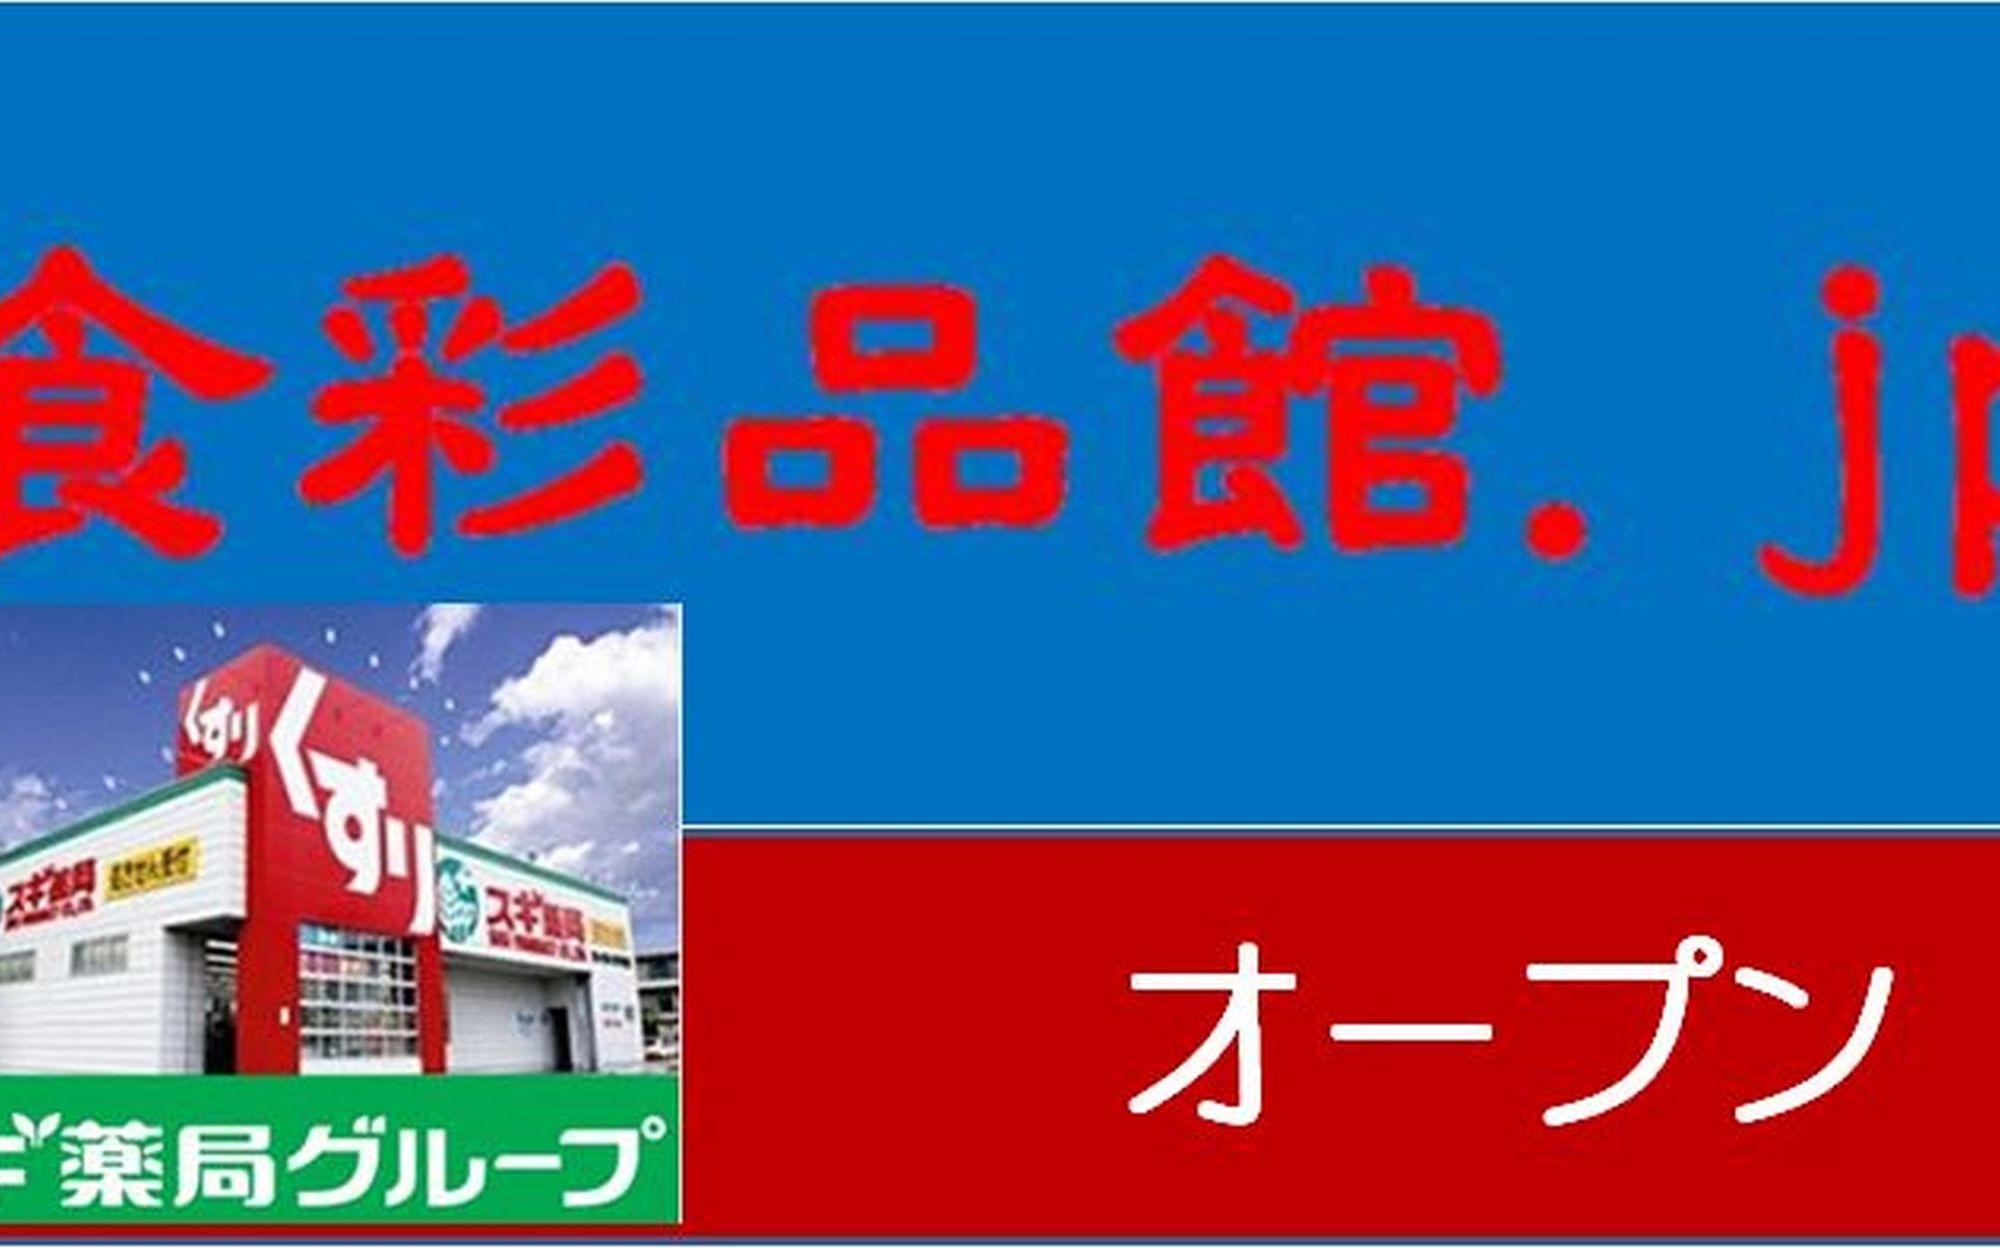 スギドラッグ羽根北店(愛知県岡崎市)2019年10月24日オープン。調剤薬局は11月1日オープン